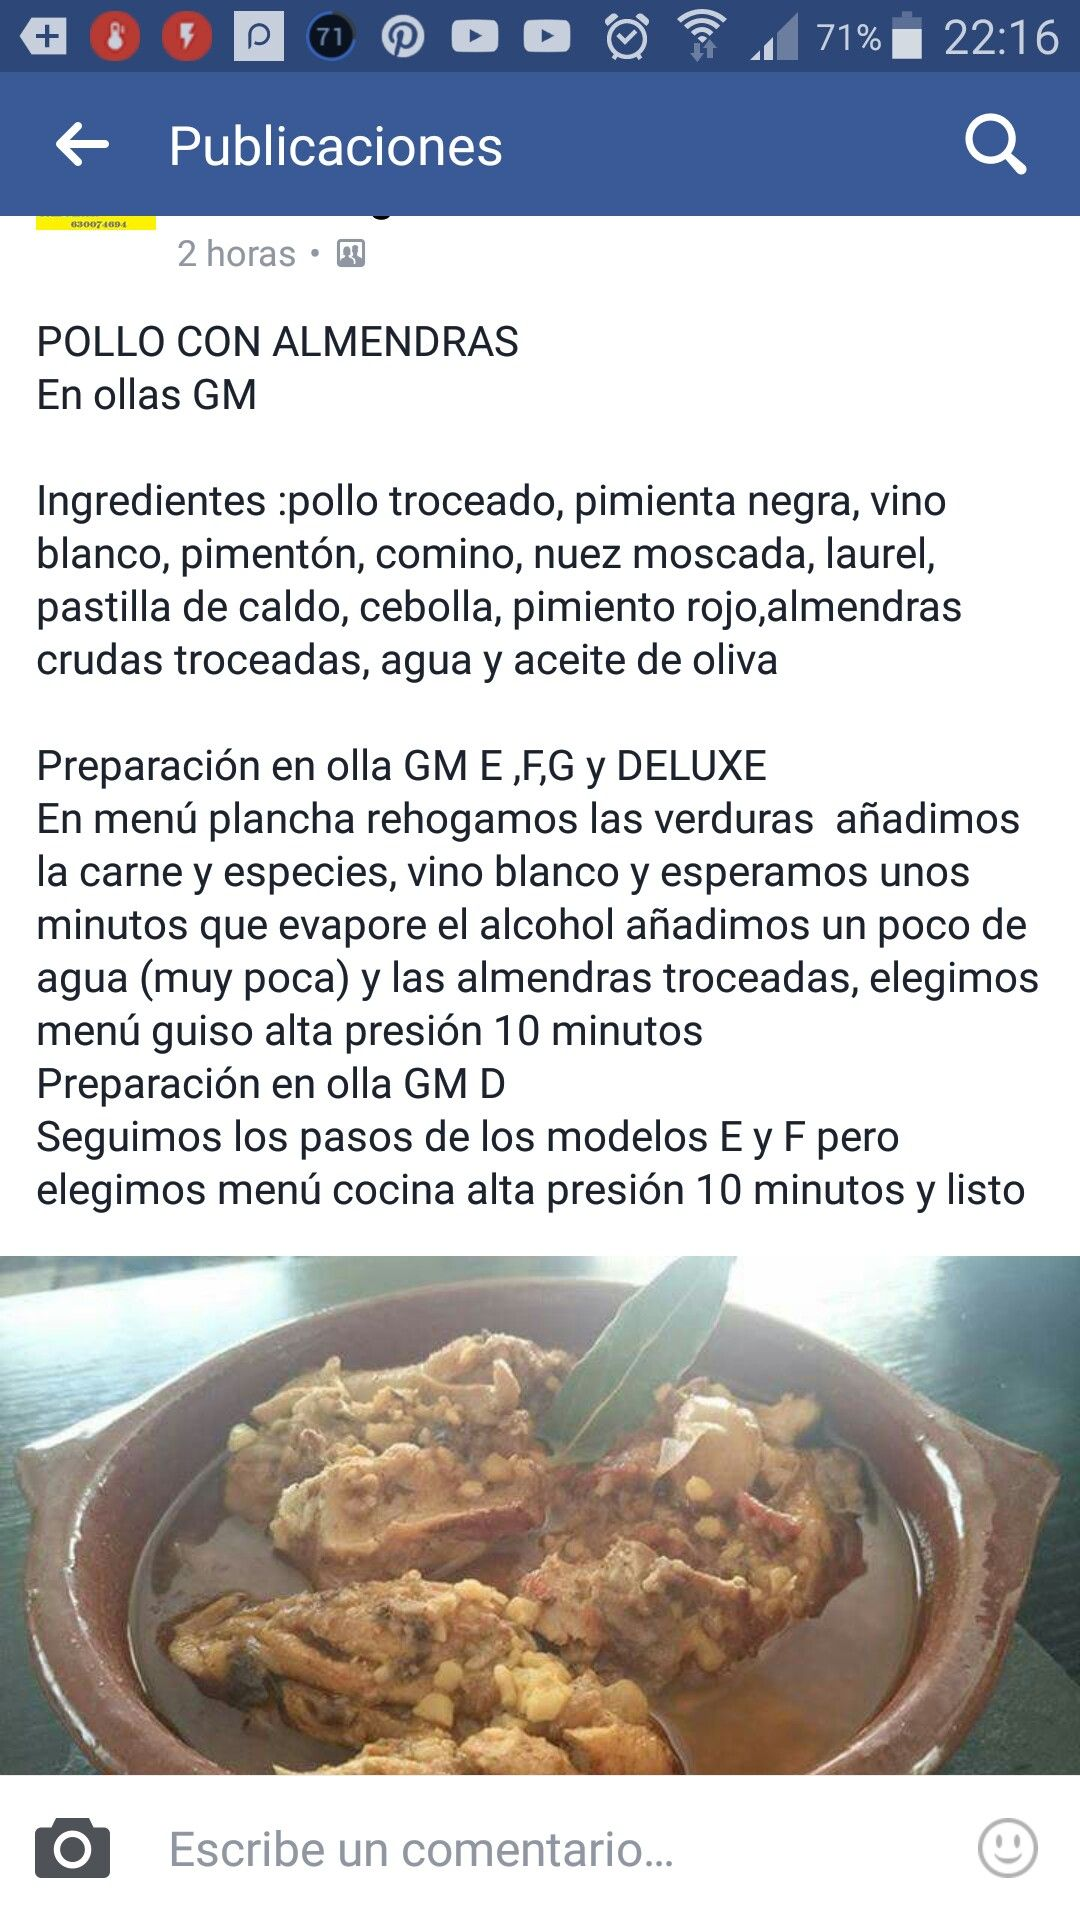 Pollo y almendras | gm carne | Pinterest | Almendras